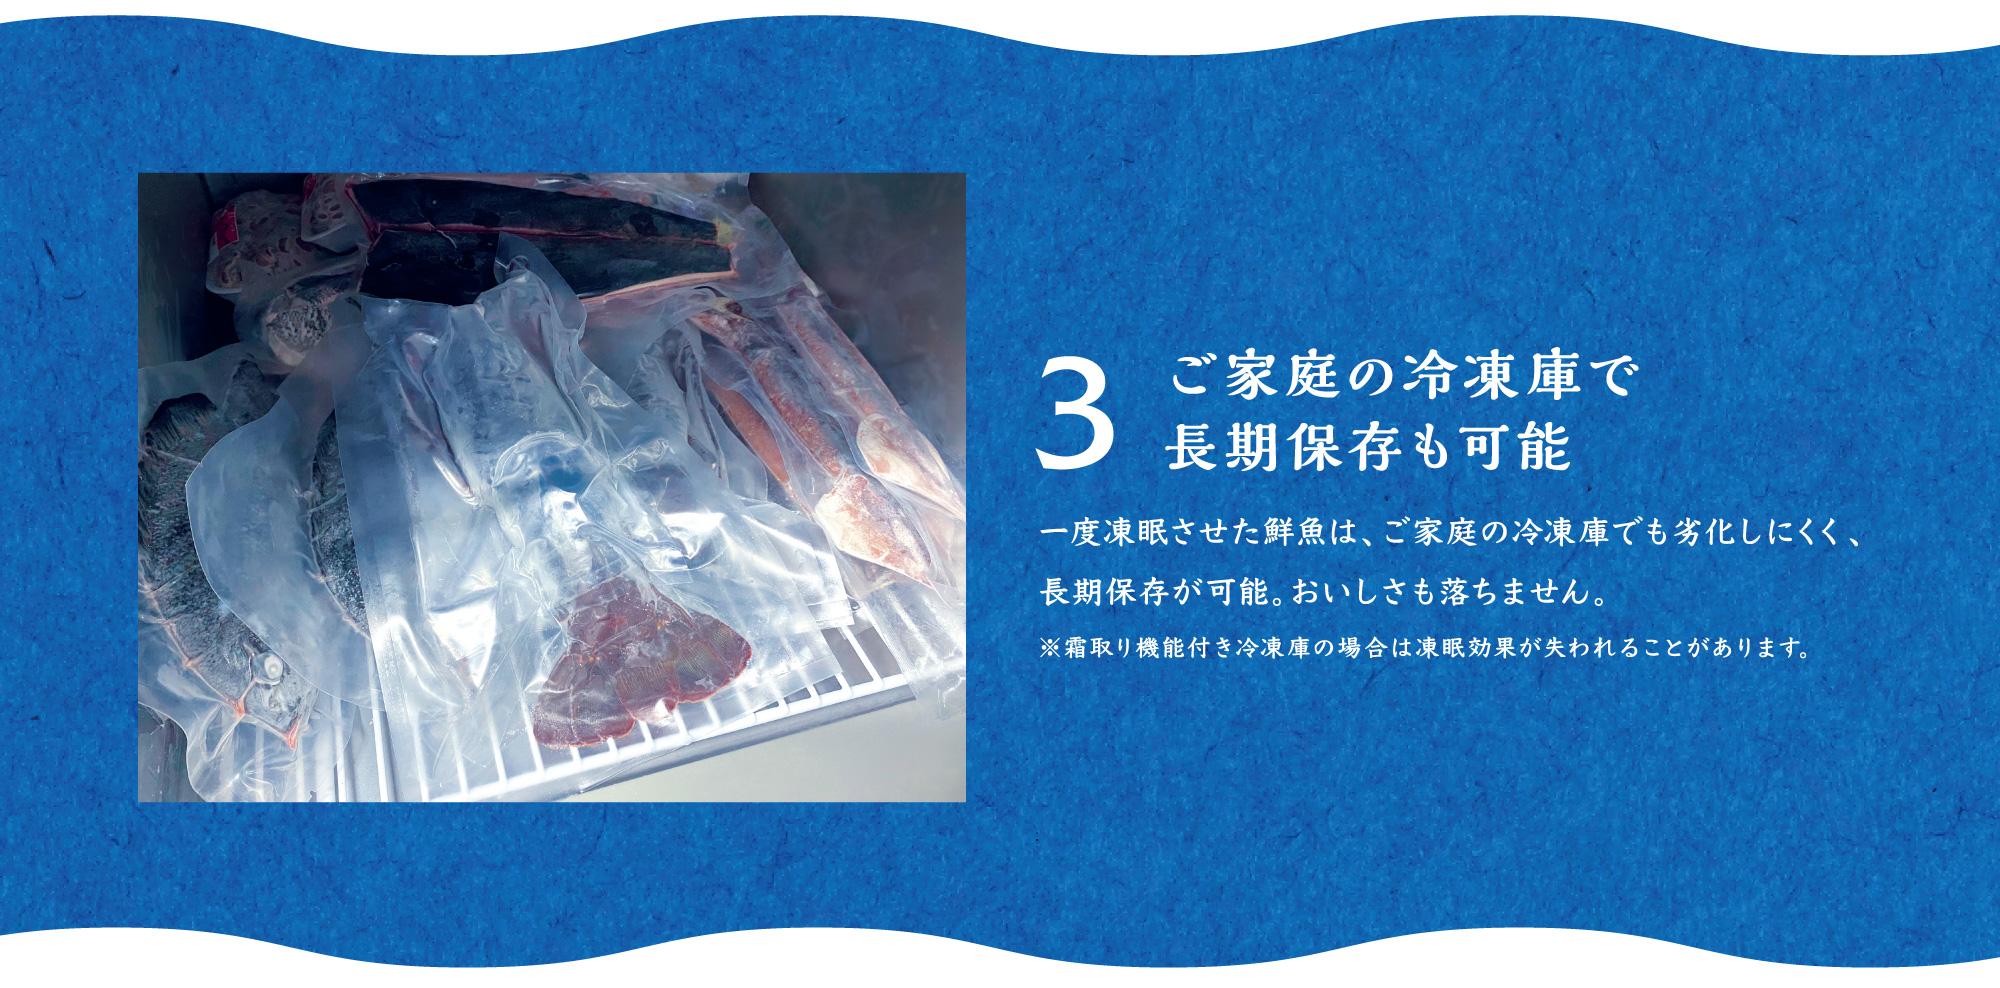 3ご家庭の冷凍庫で 長期保存も可能 一度凍眠させた鮮魚は、ご家庭の冷凍庫でも劣化しにくく、長期保存が可能。おいしさも落ちません。 ※霜取り機能付き冷凍庫の場合は凍眠効果が失われることがあります。